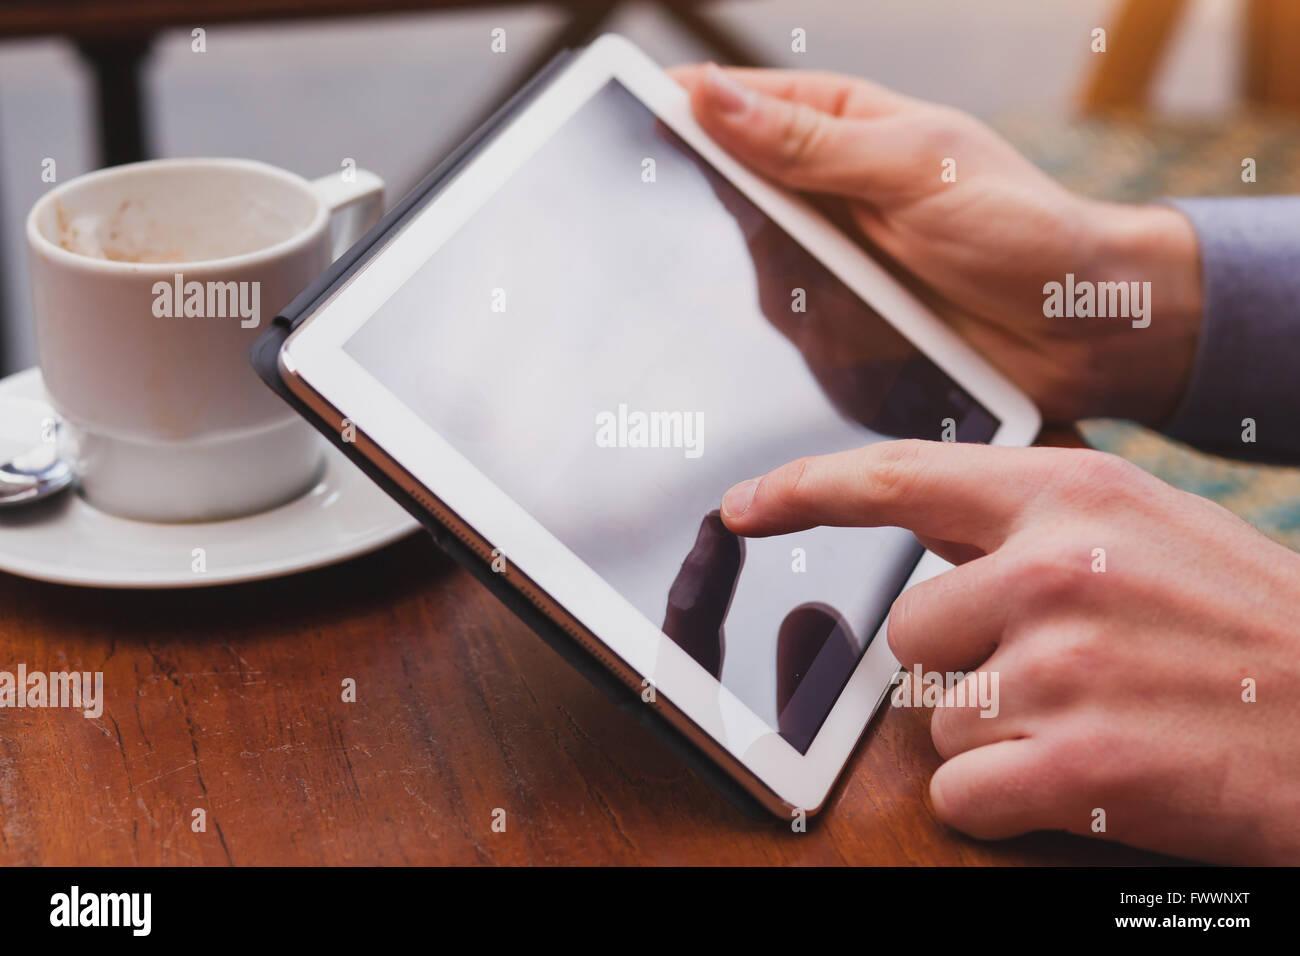 Internetnutzung auf Tablet im Café, Überprüfung, e-Mail und soziale Netzwerke auf Touchpad, Nahaufnahme Stockbild